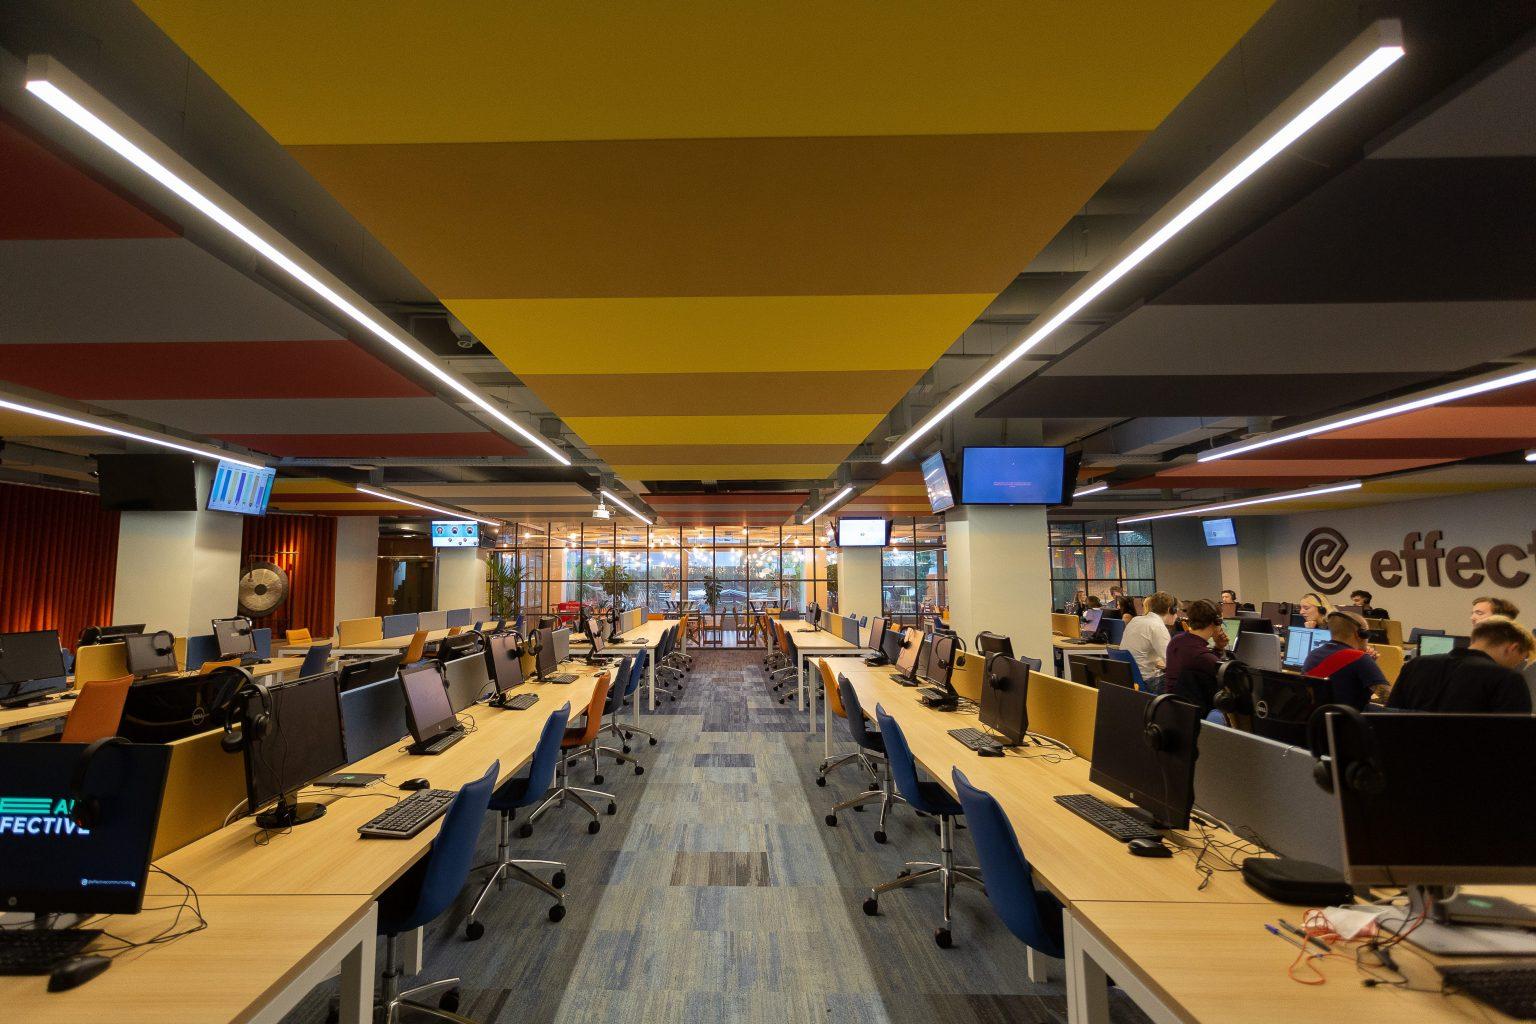 oficinas-effective-empresas-de-instalacion-de-aires-acondicionados